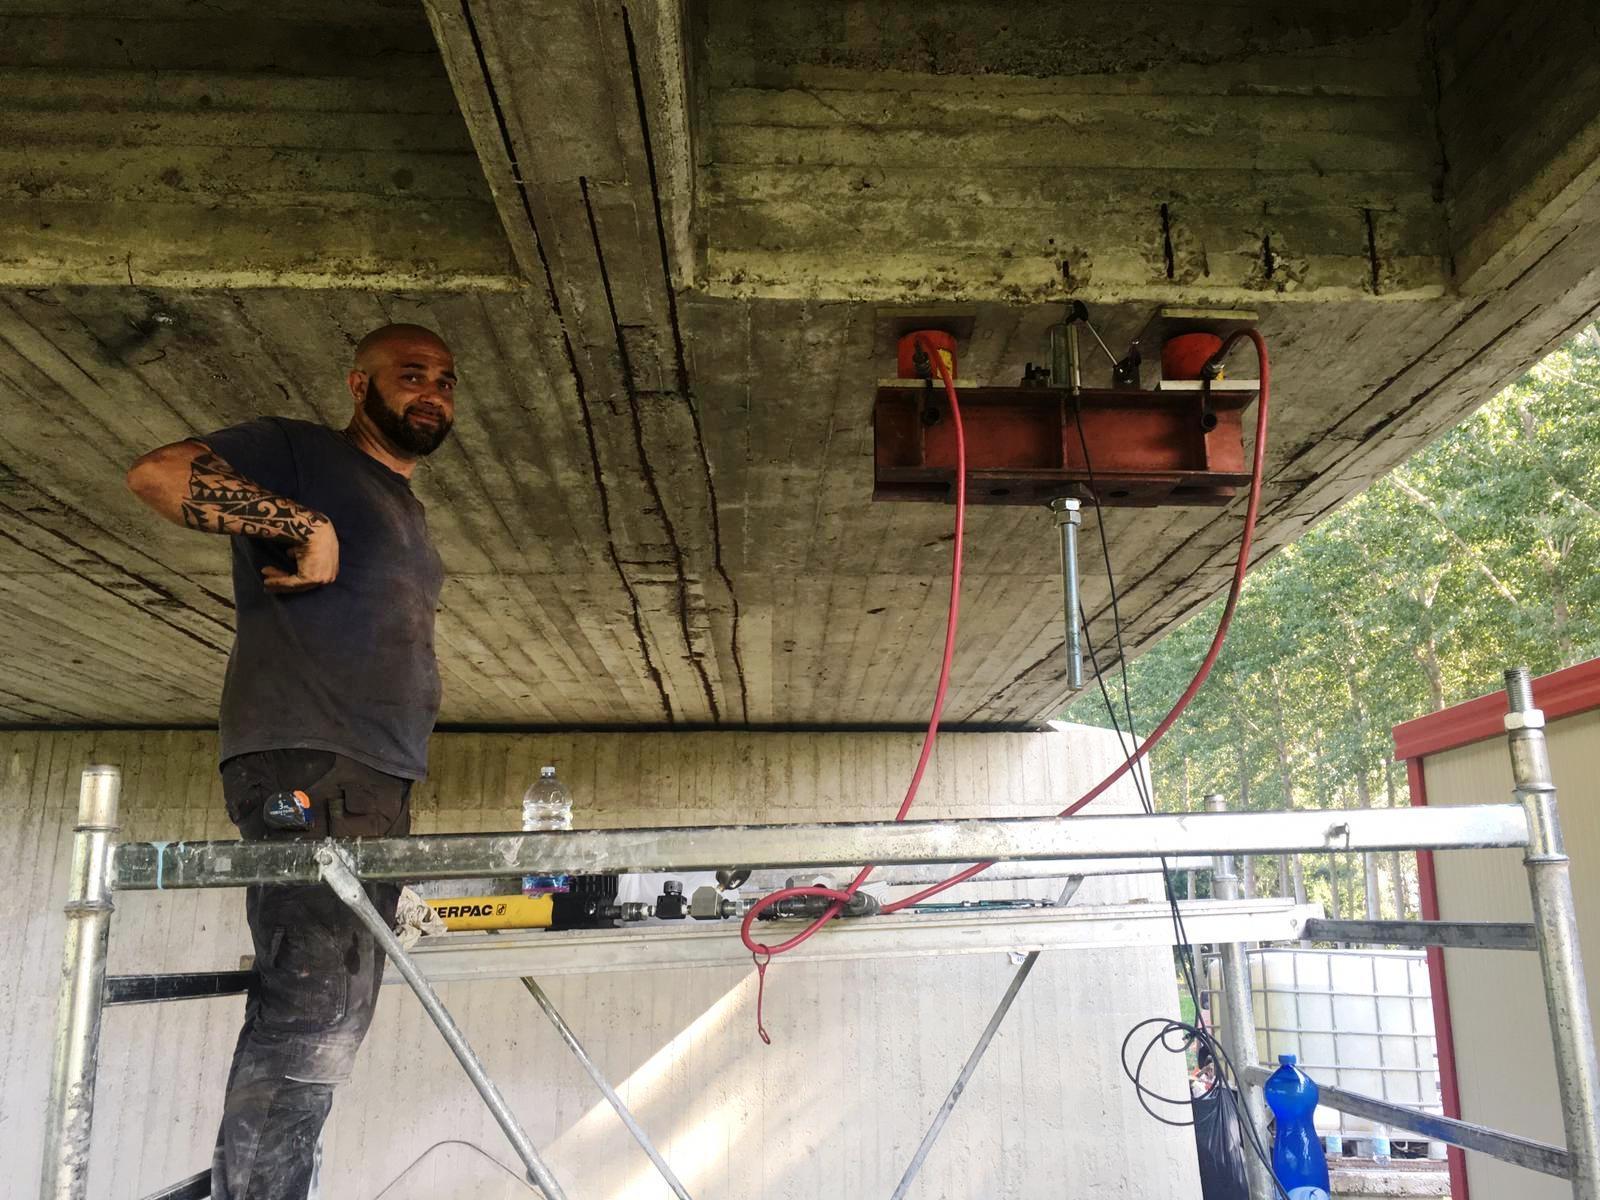 CENTO: Procede spedito il ripristino del Ponte Nuovo sul Reno